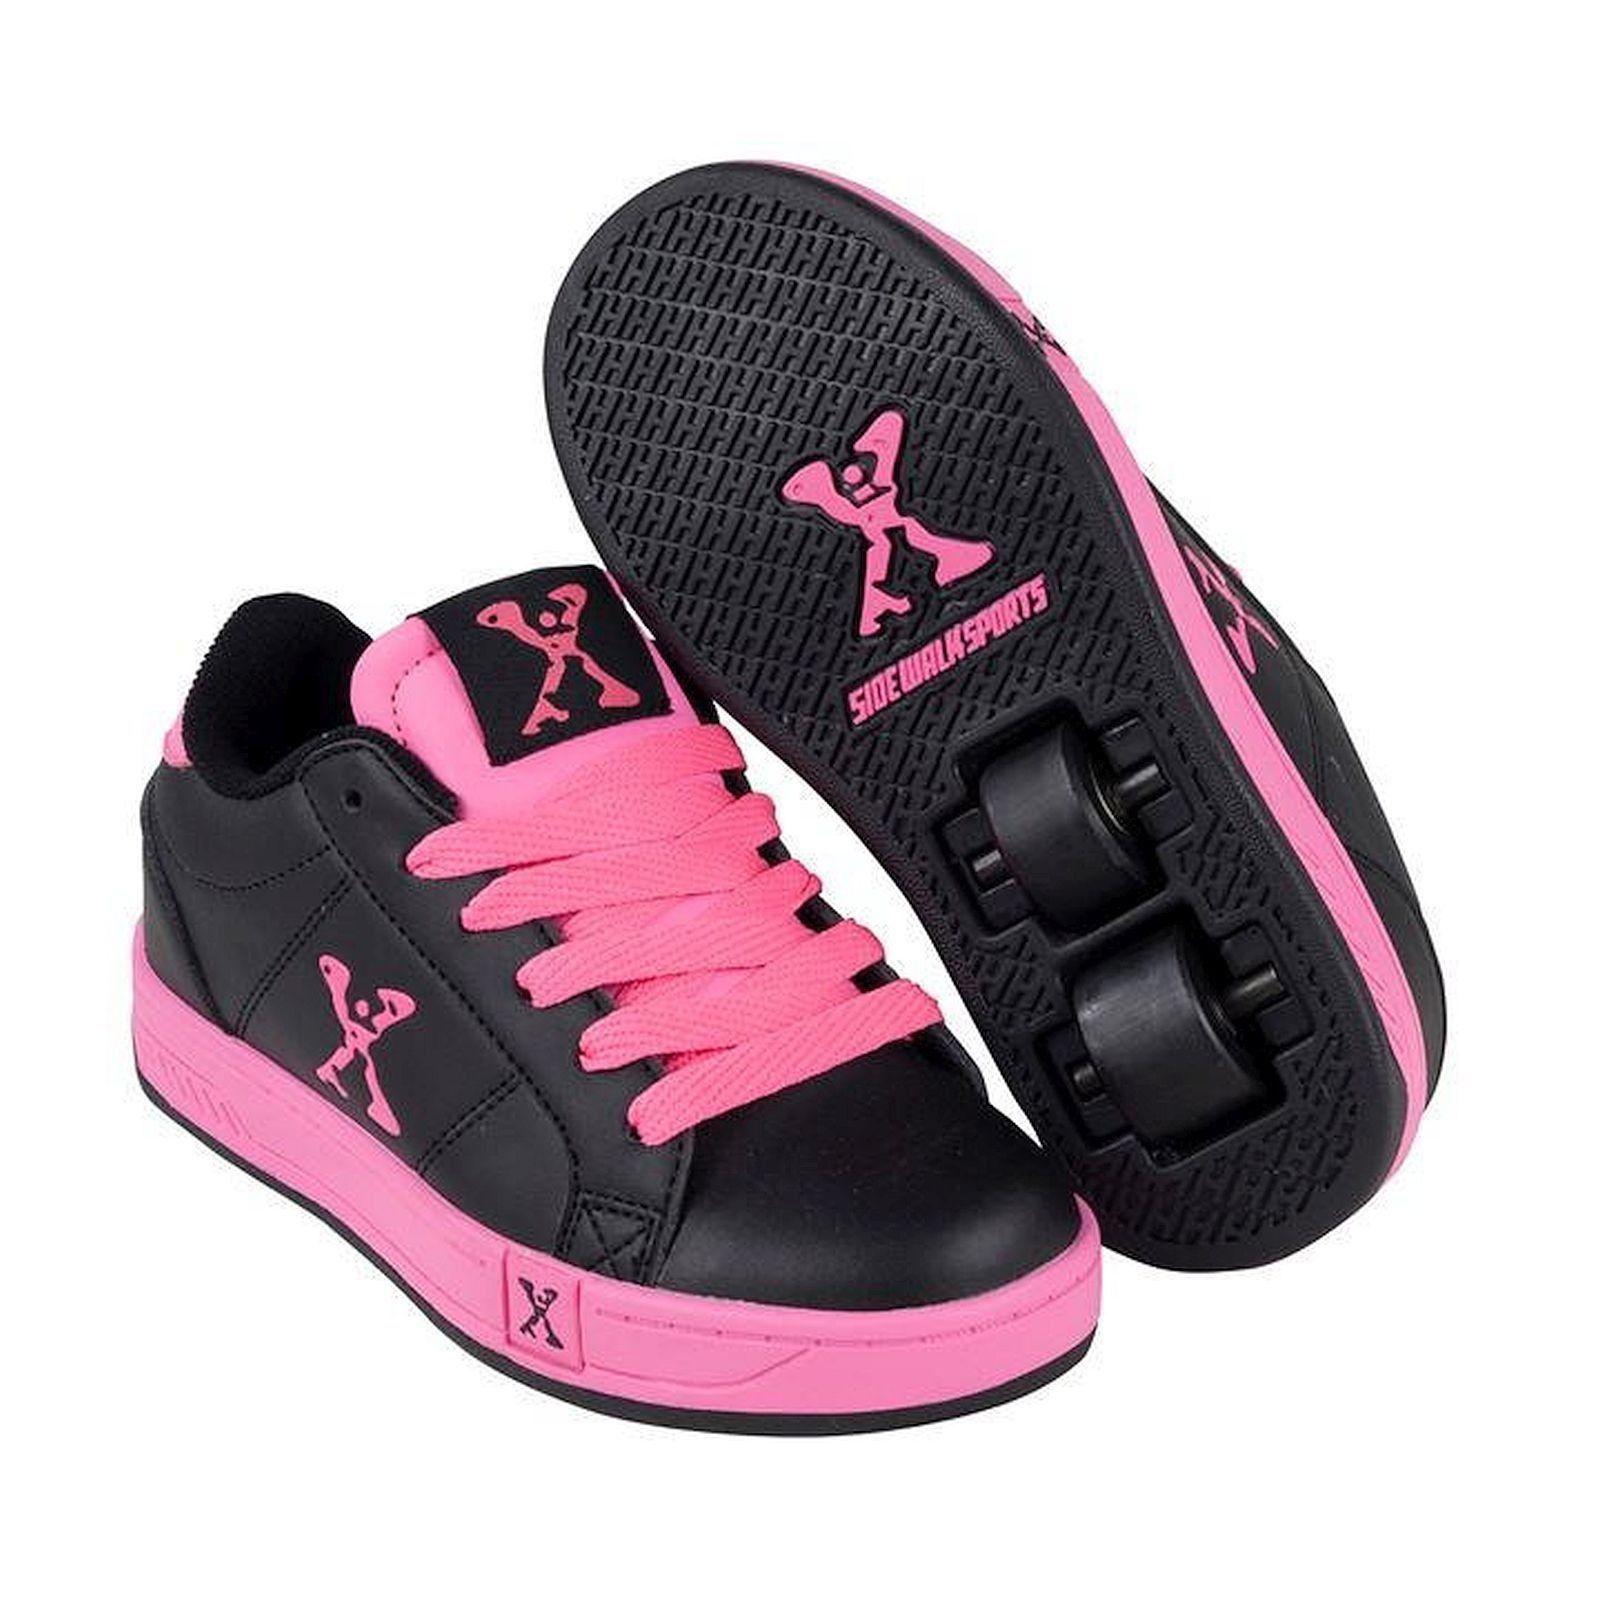 Roller skate shoes, Roller shoes